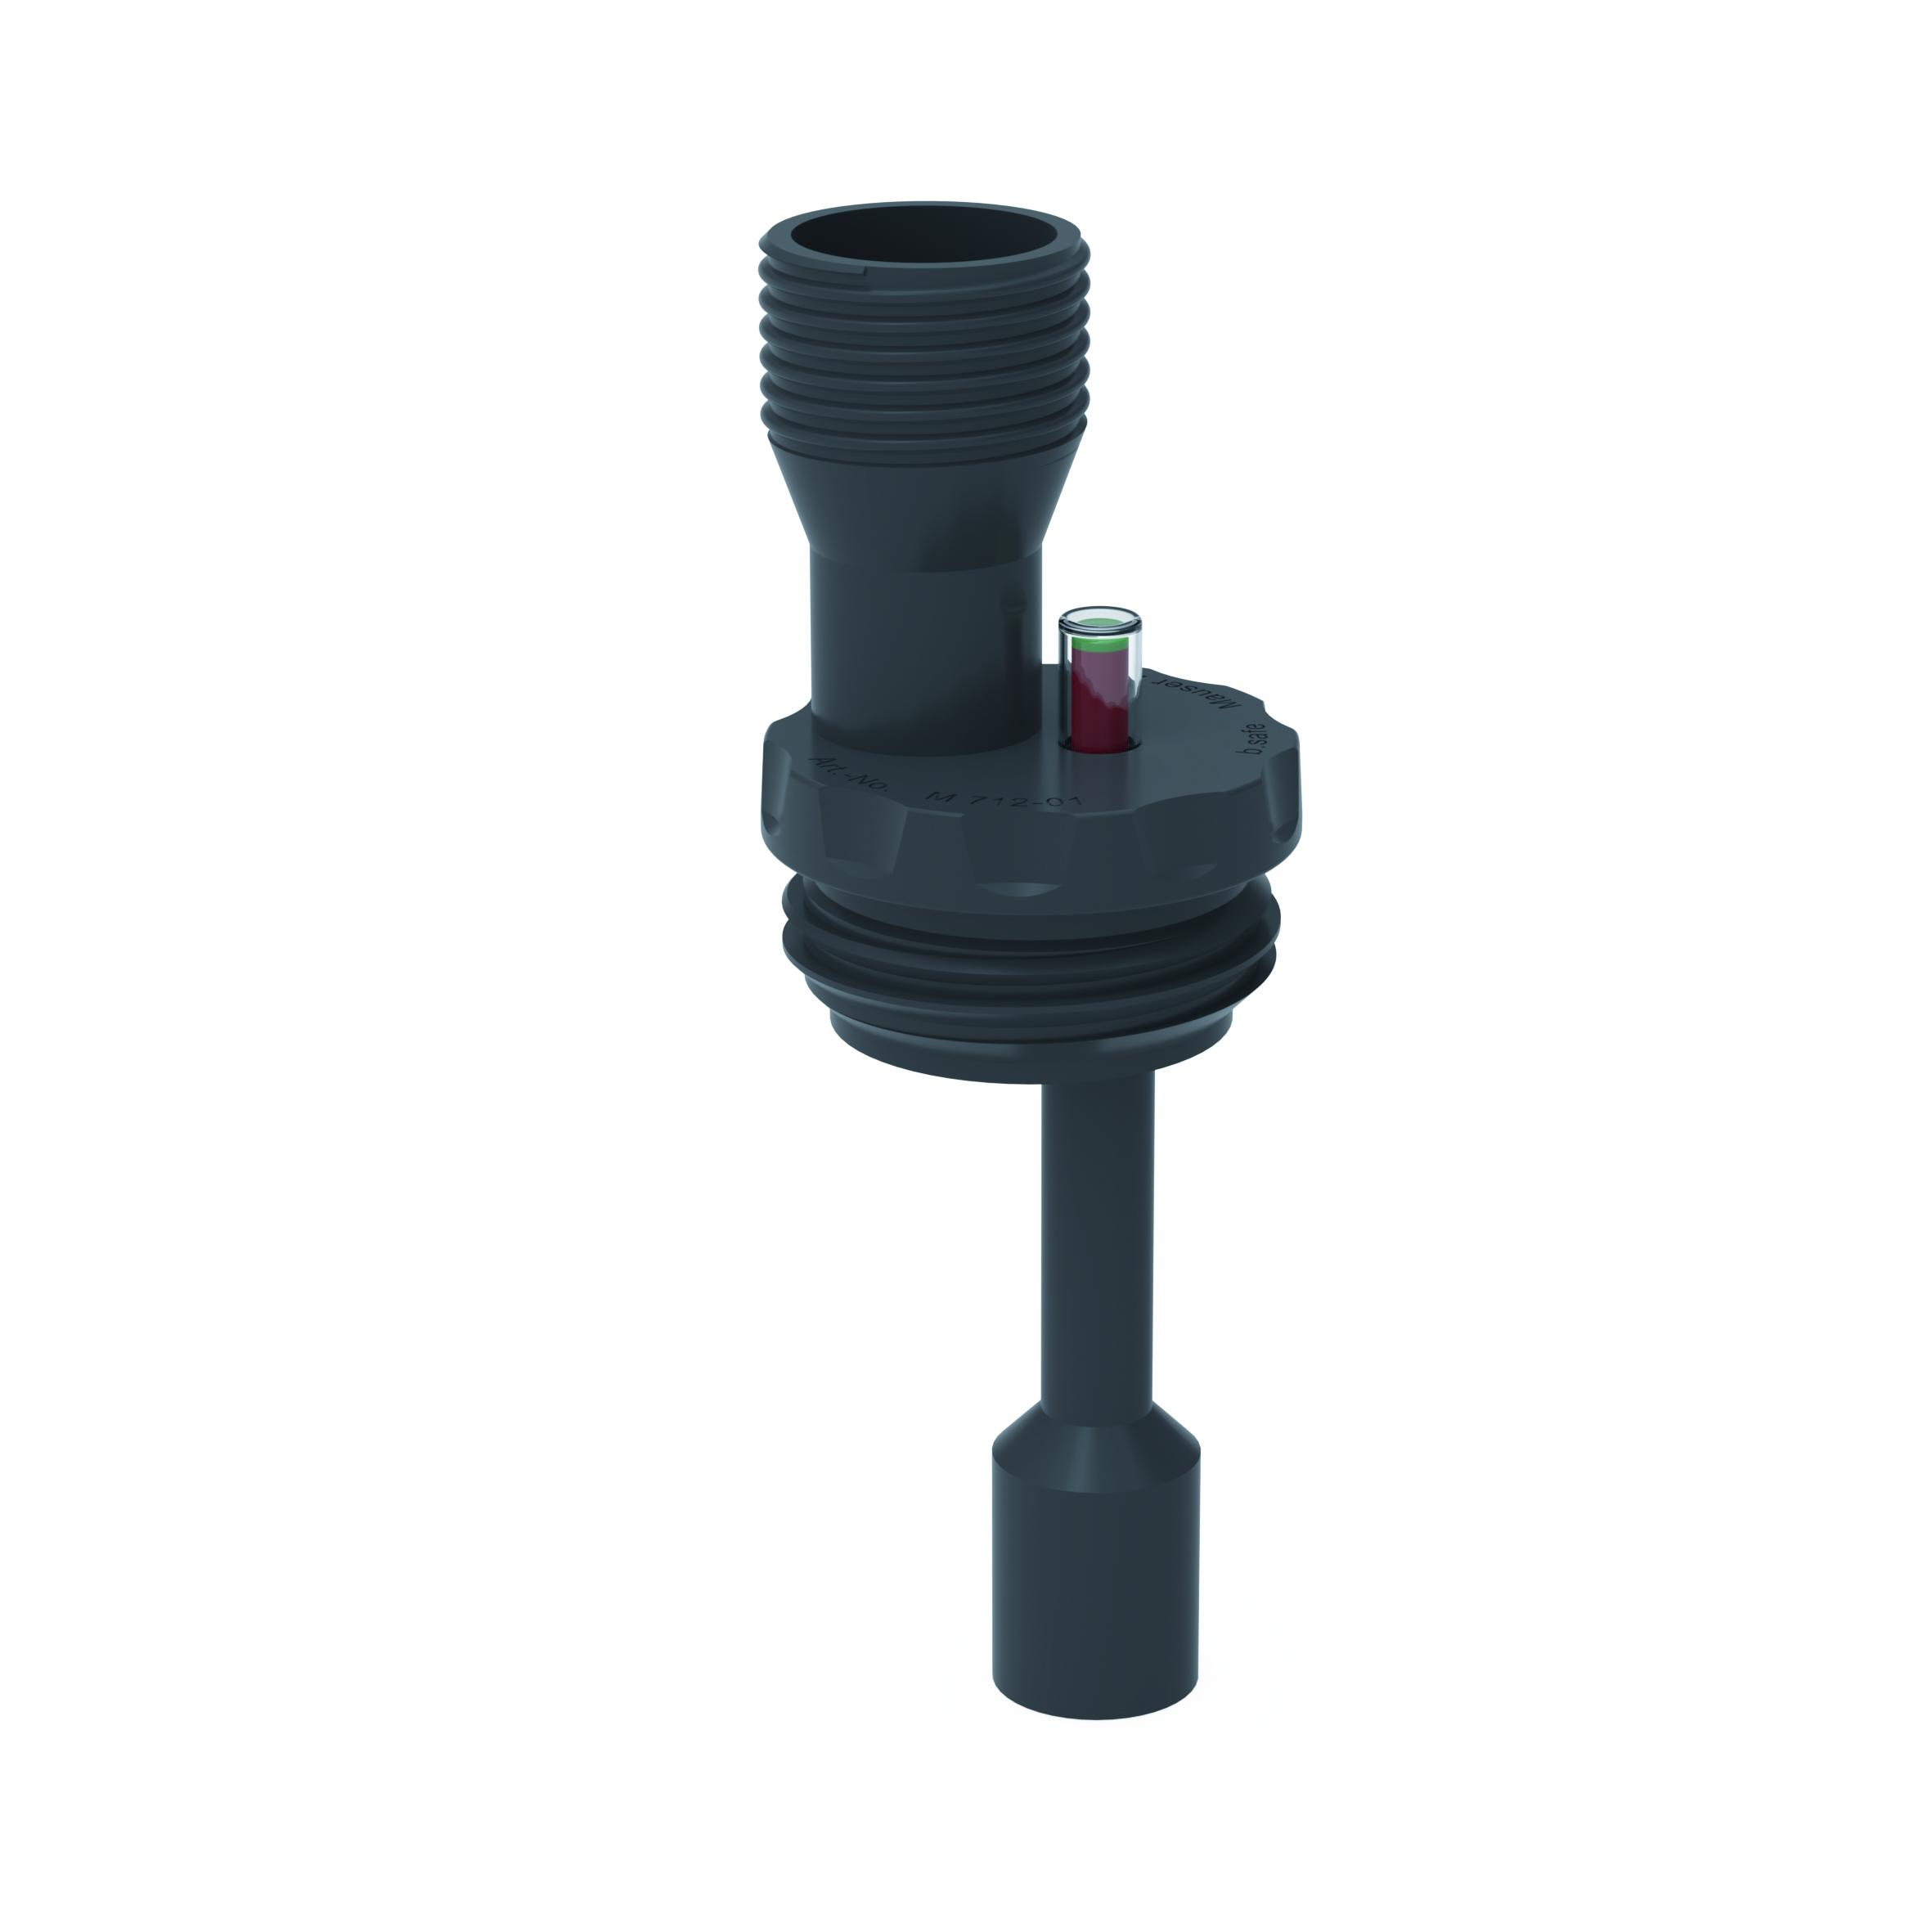 Füllstandsanzeige mit Trichteranschluss EX  Einsatz mit Einschraubgewinde für Fässer oder Schraubkappe für Kan